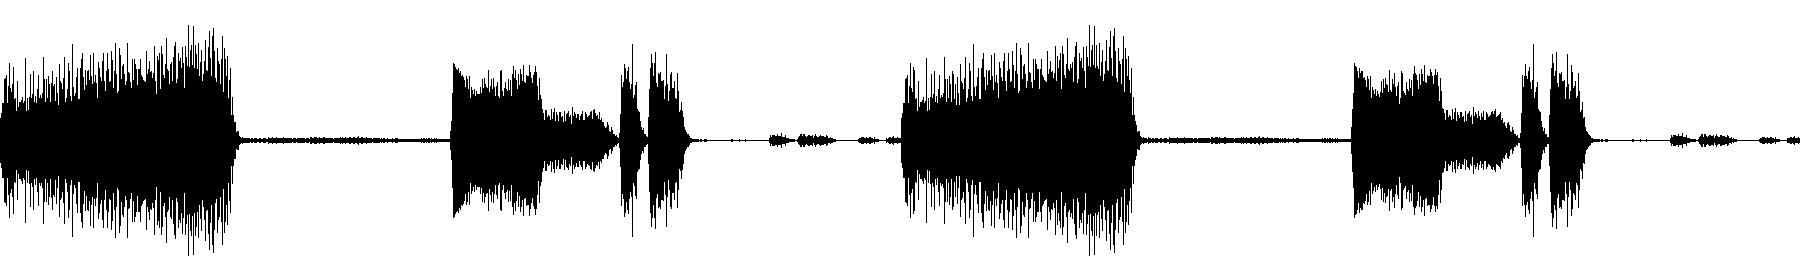 ehp synloop 127 housechords d